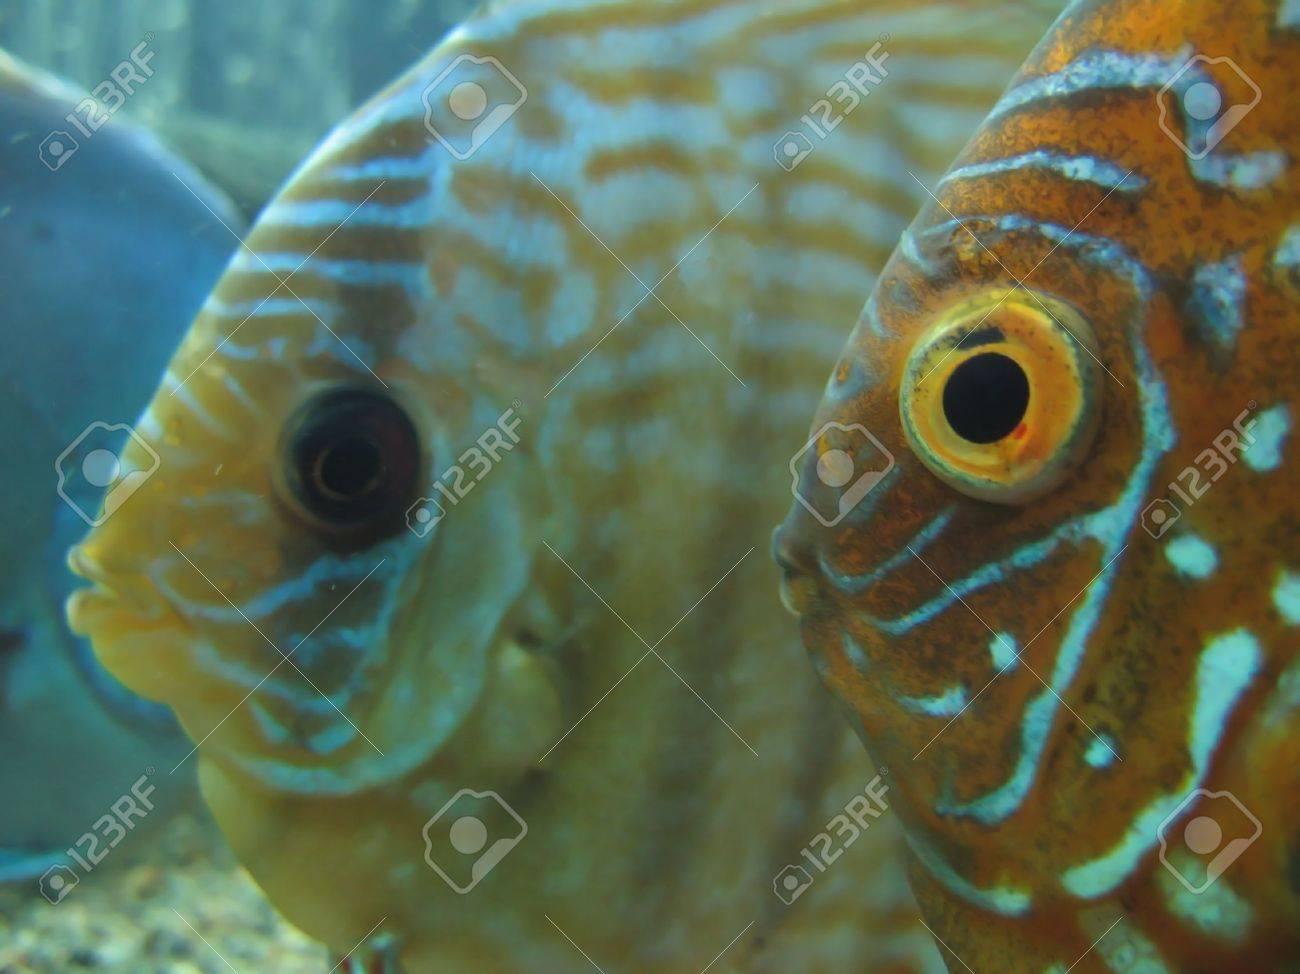 Fish for big aquarium - Stock Photo Two Orange Fish With Big Eyes In Aquarium